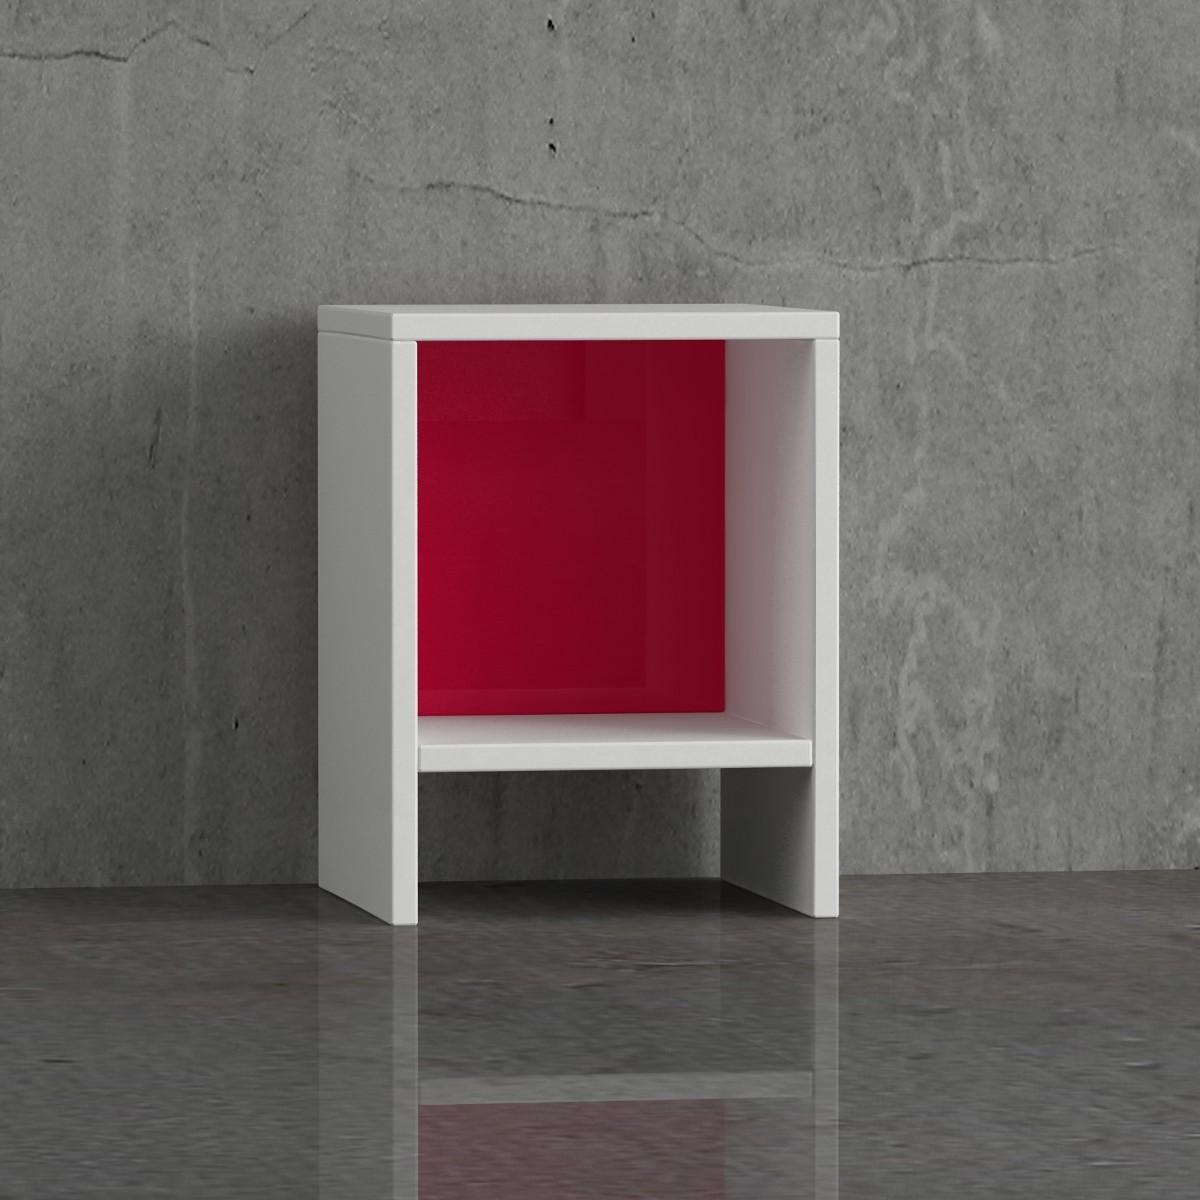 Modularmix cubo per arredamento design moderno colorato for Design arredamento moderno